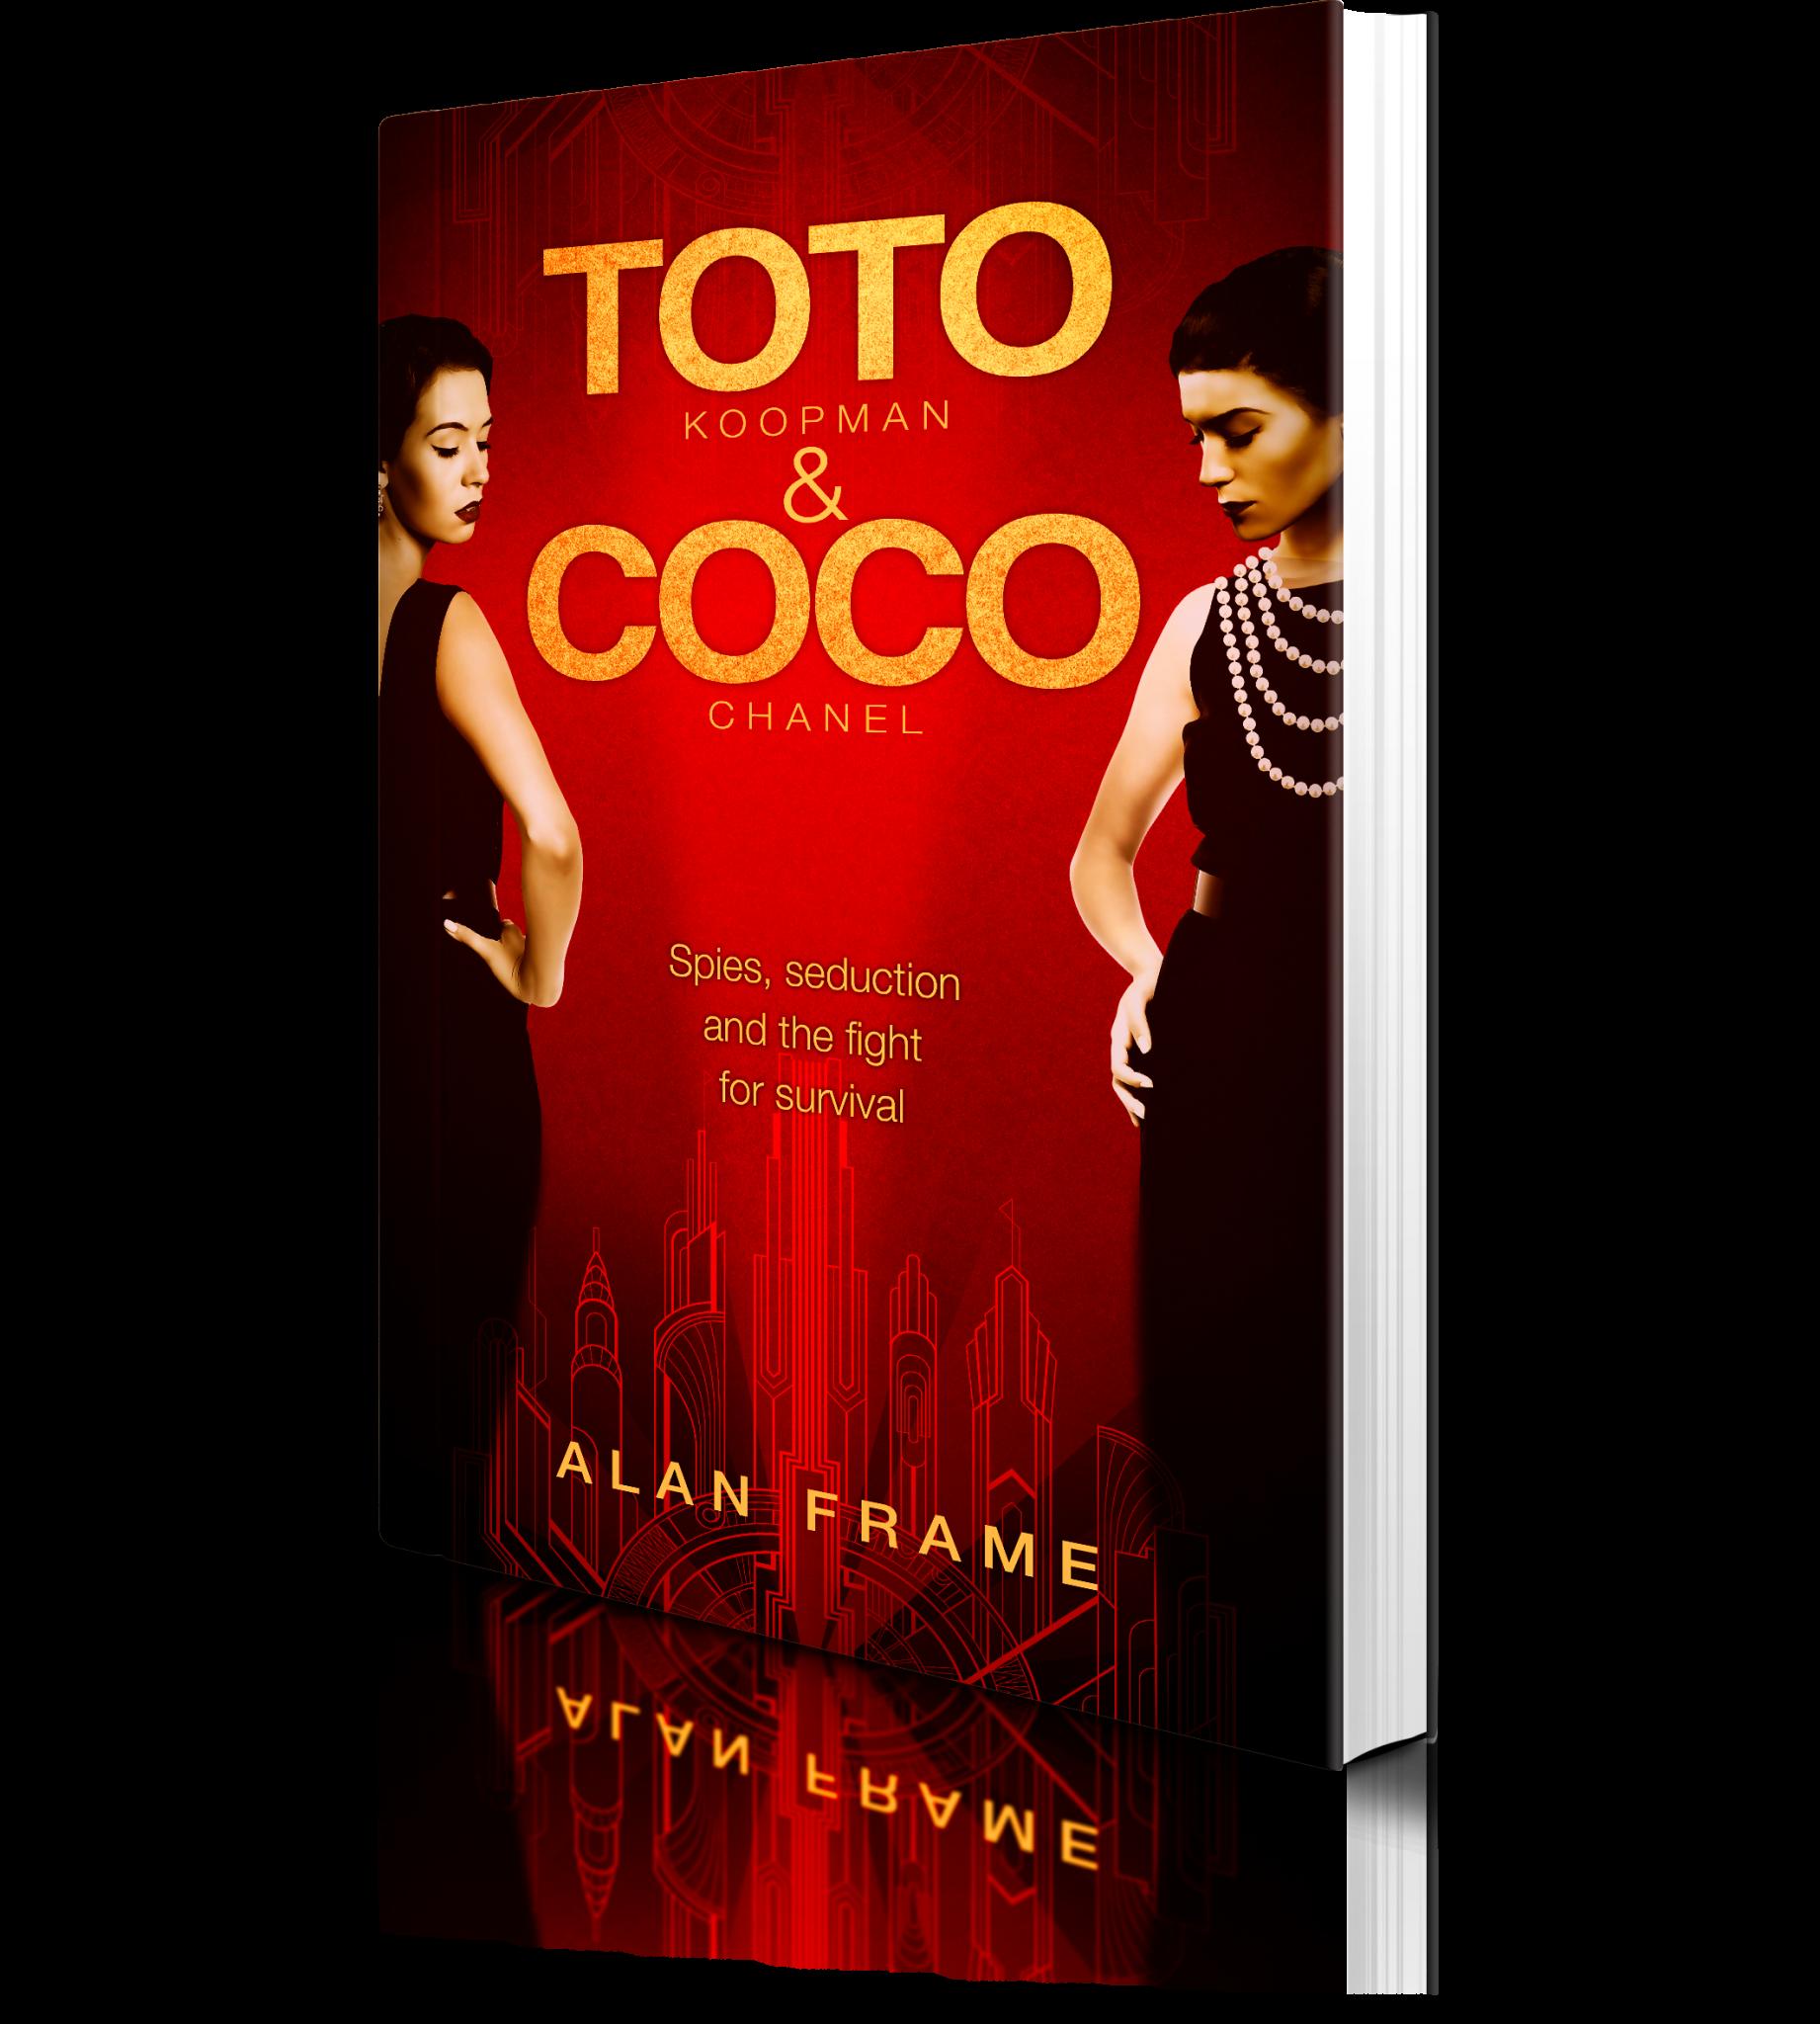 Toto & Coco Book